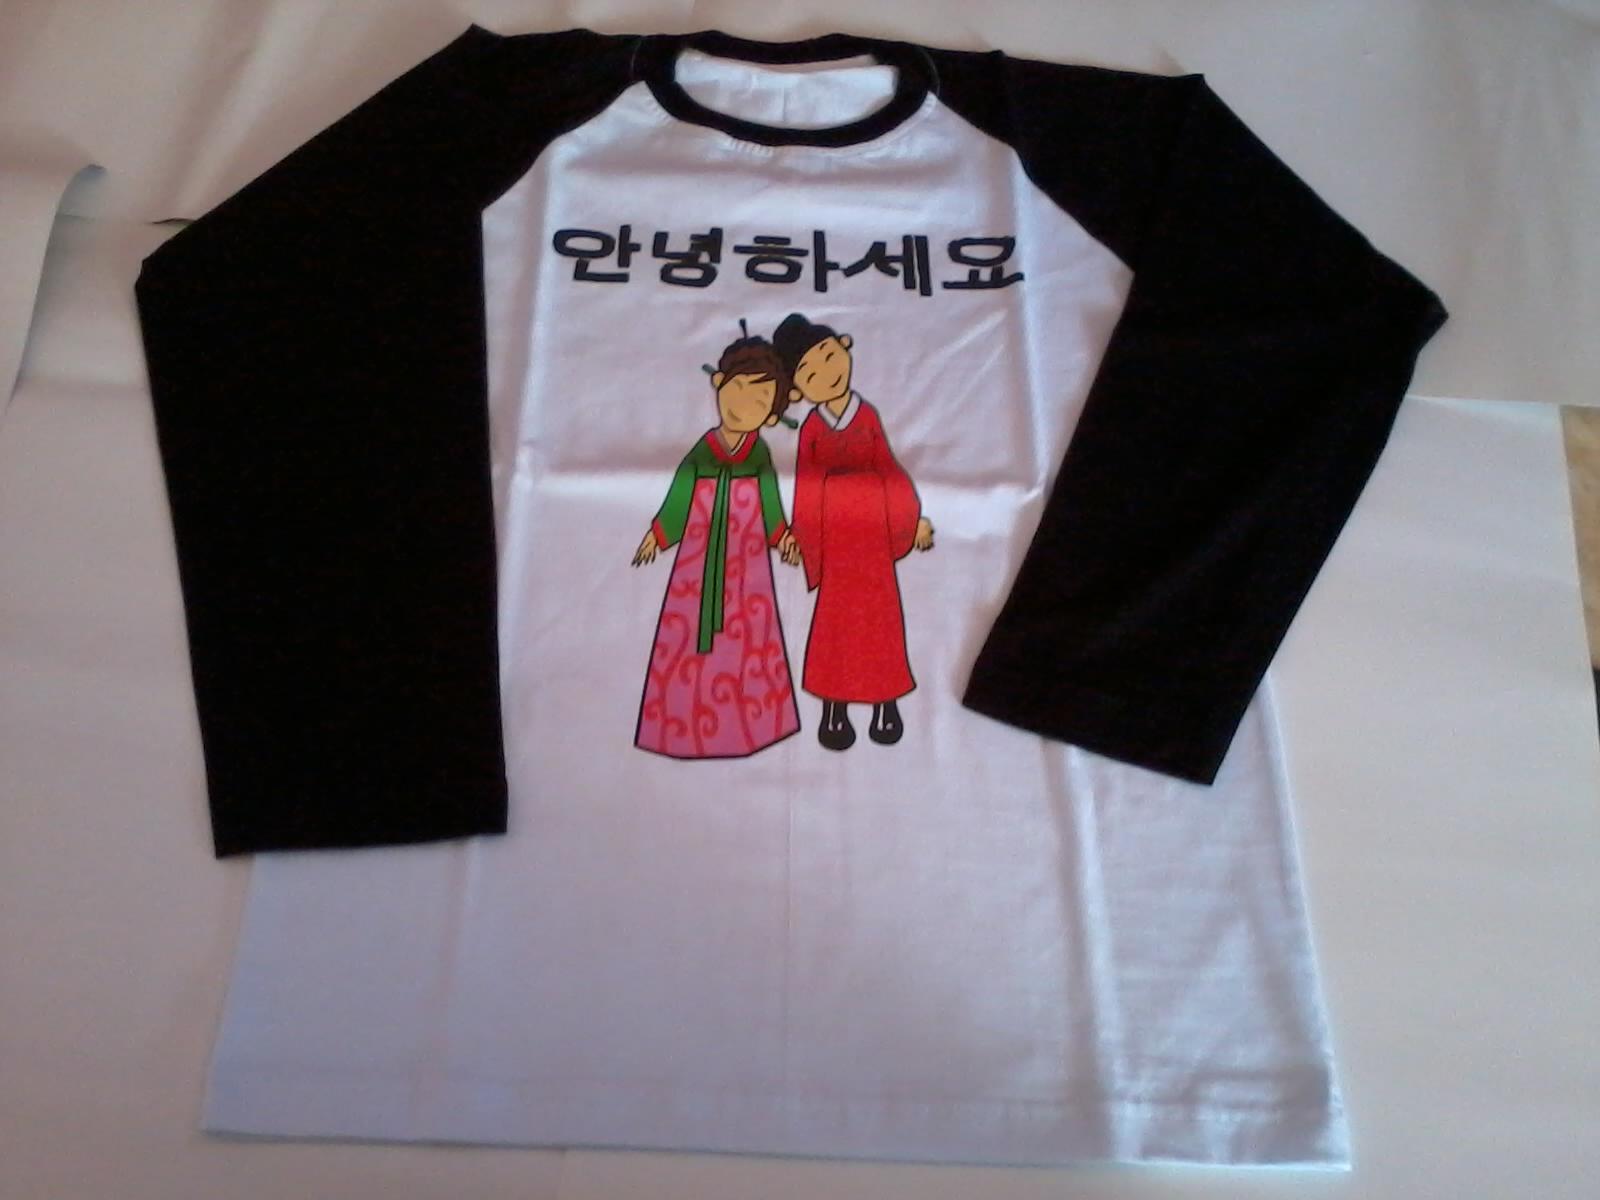 SARANGHAEYO: KAOS GAMBAR KARTUN KOREA